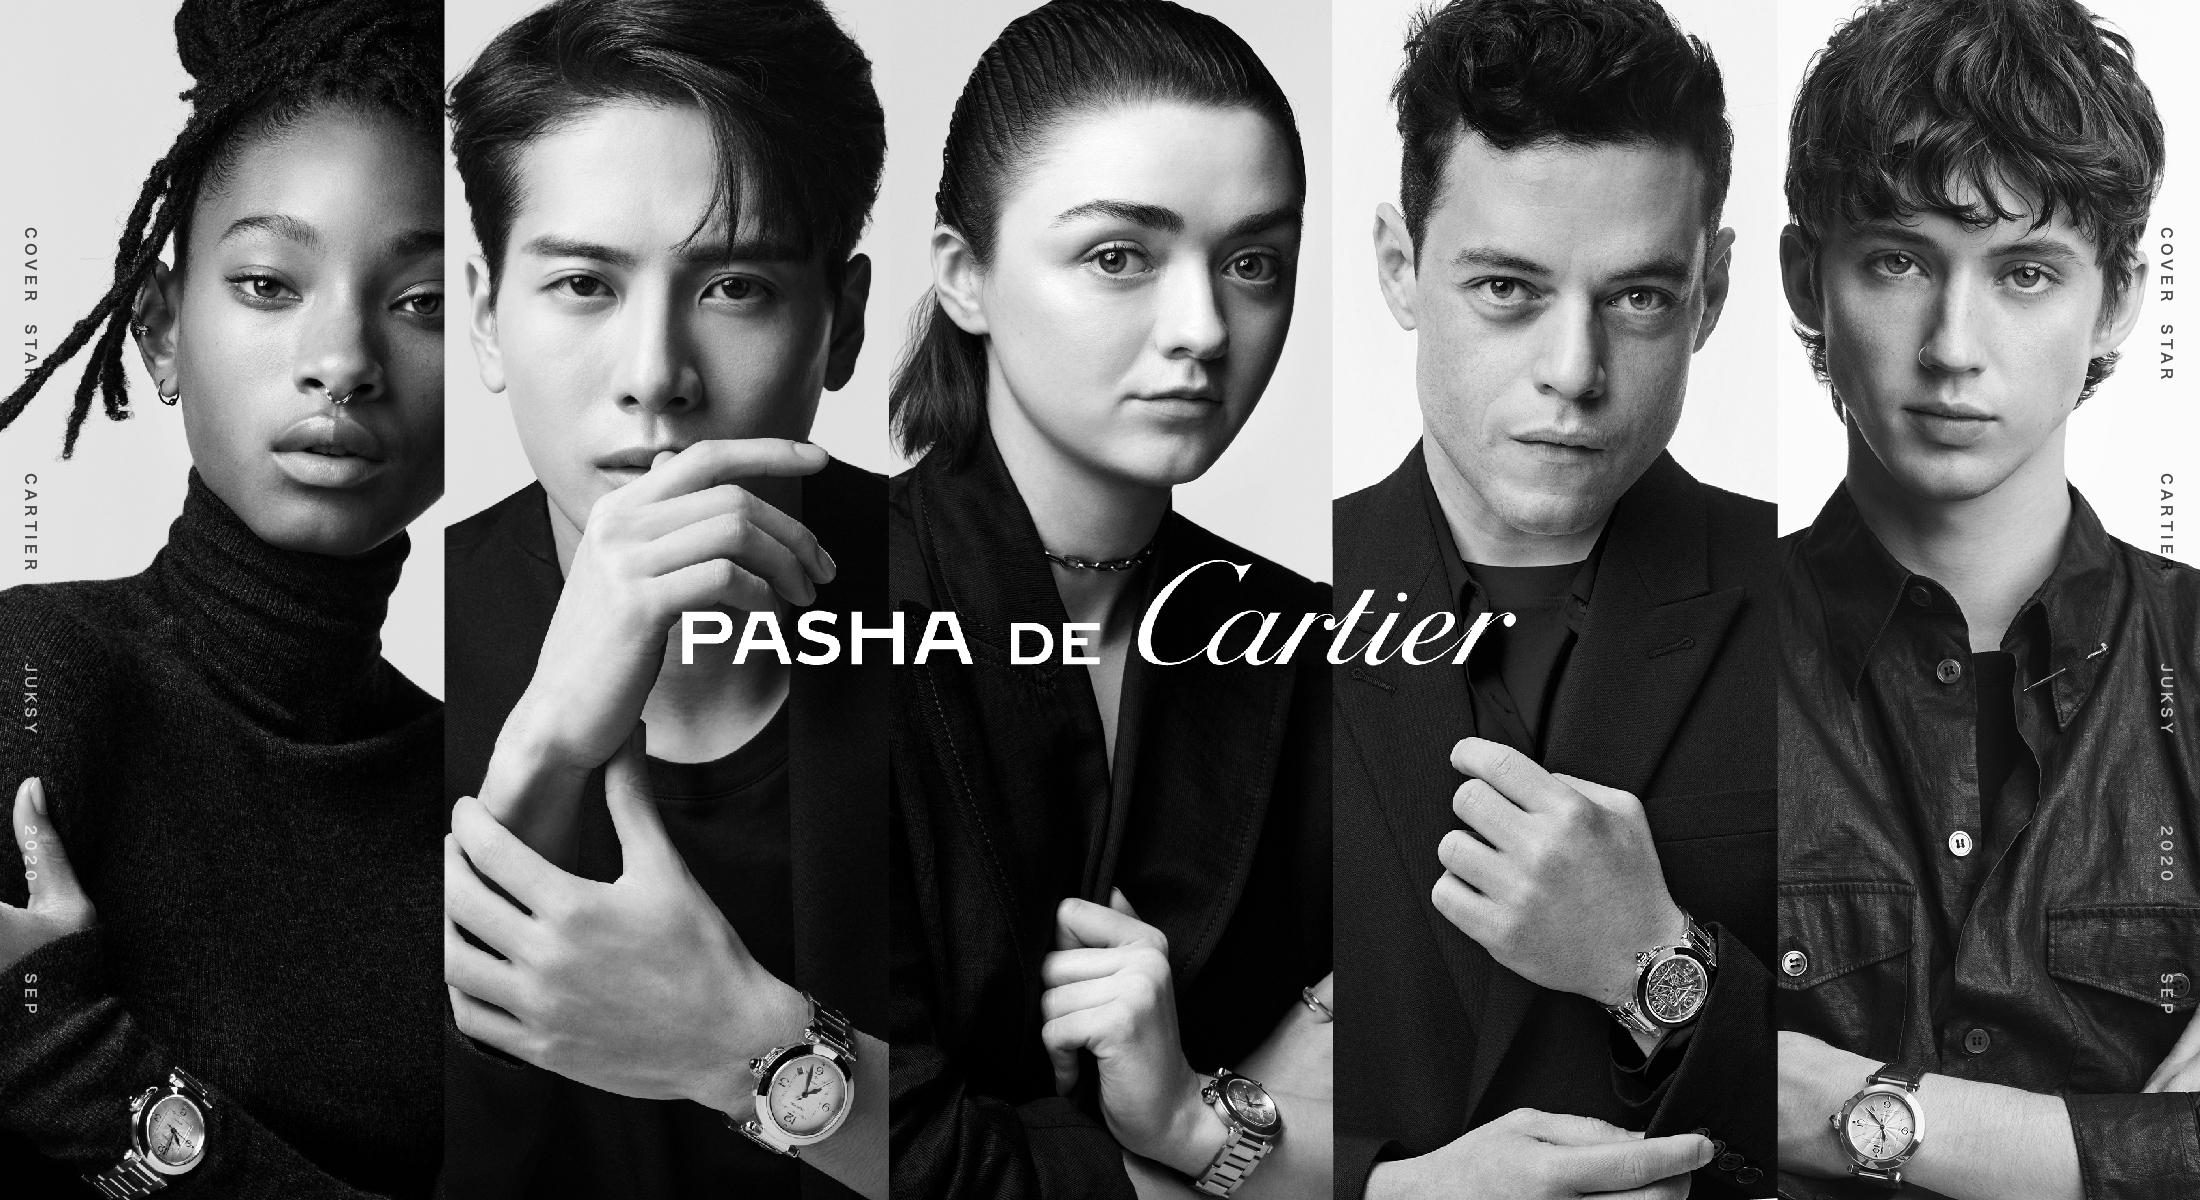 JUKSY STAR ★ Pasha de Cartier 領航百變新世代・用不凡創造零侷限的未來